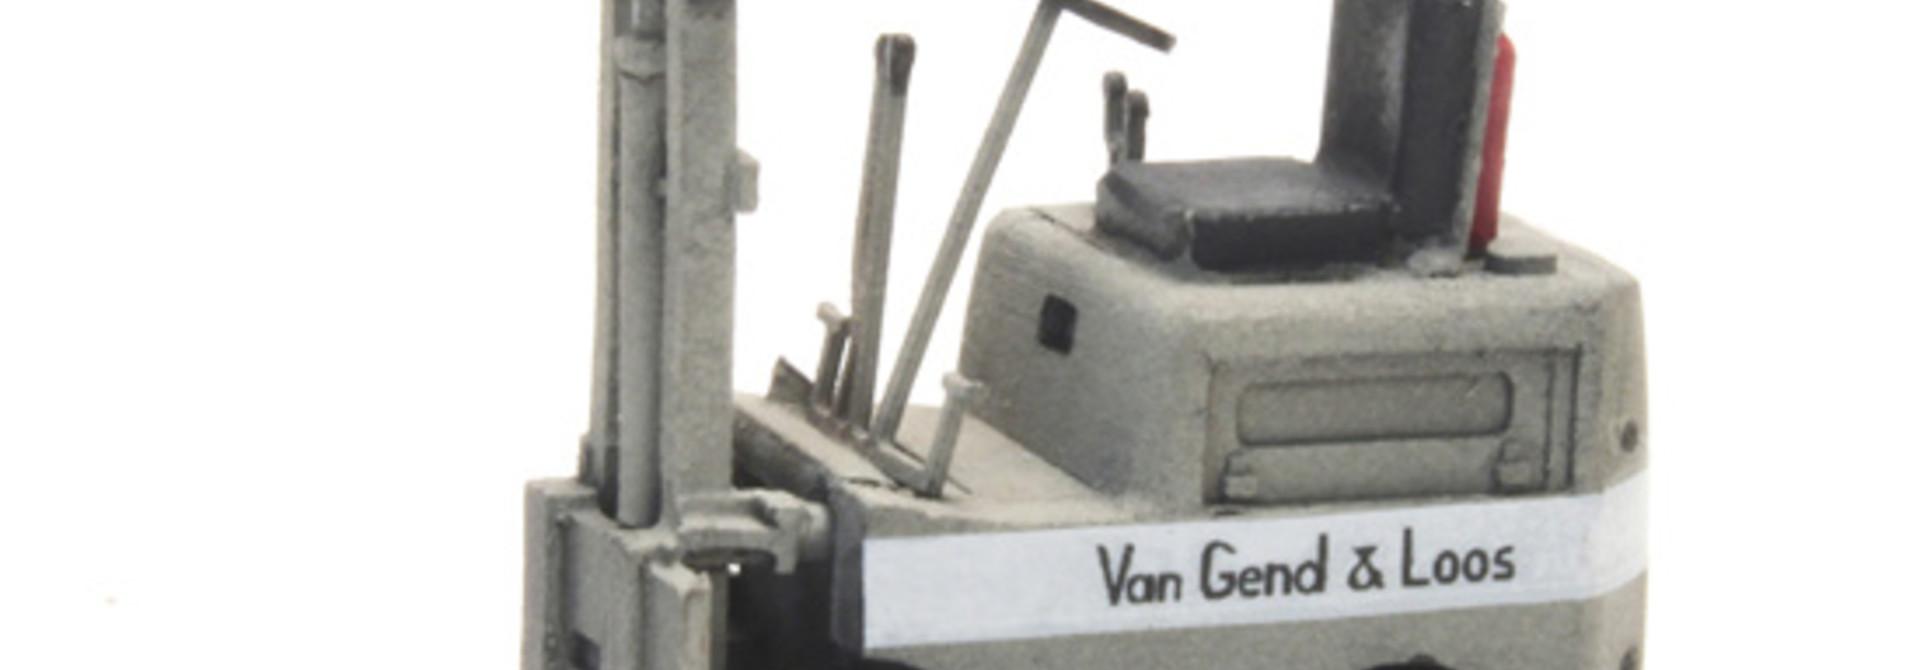 387.293 Heftruck vG&L grijs